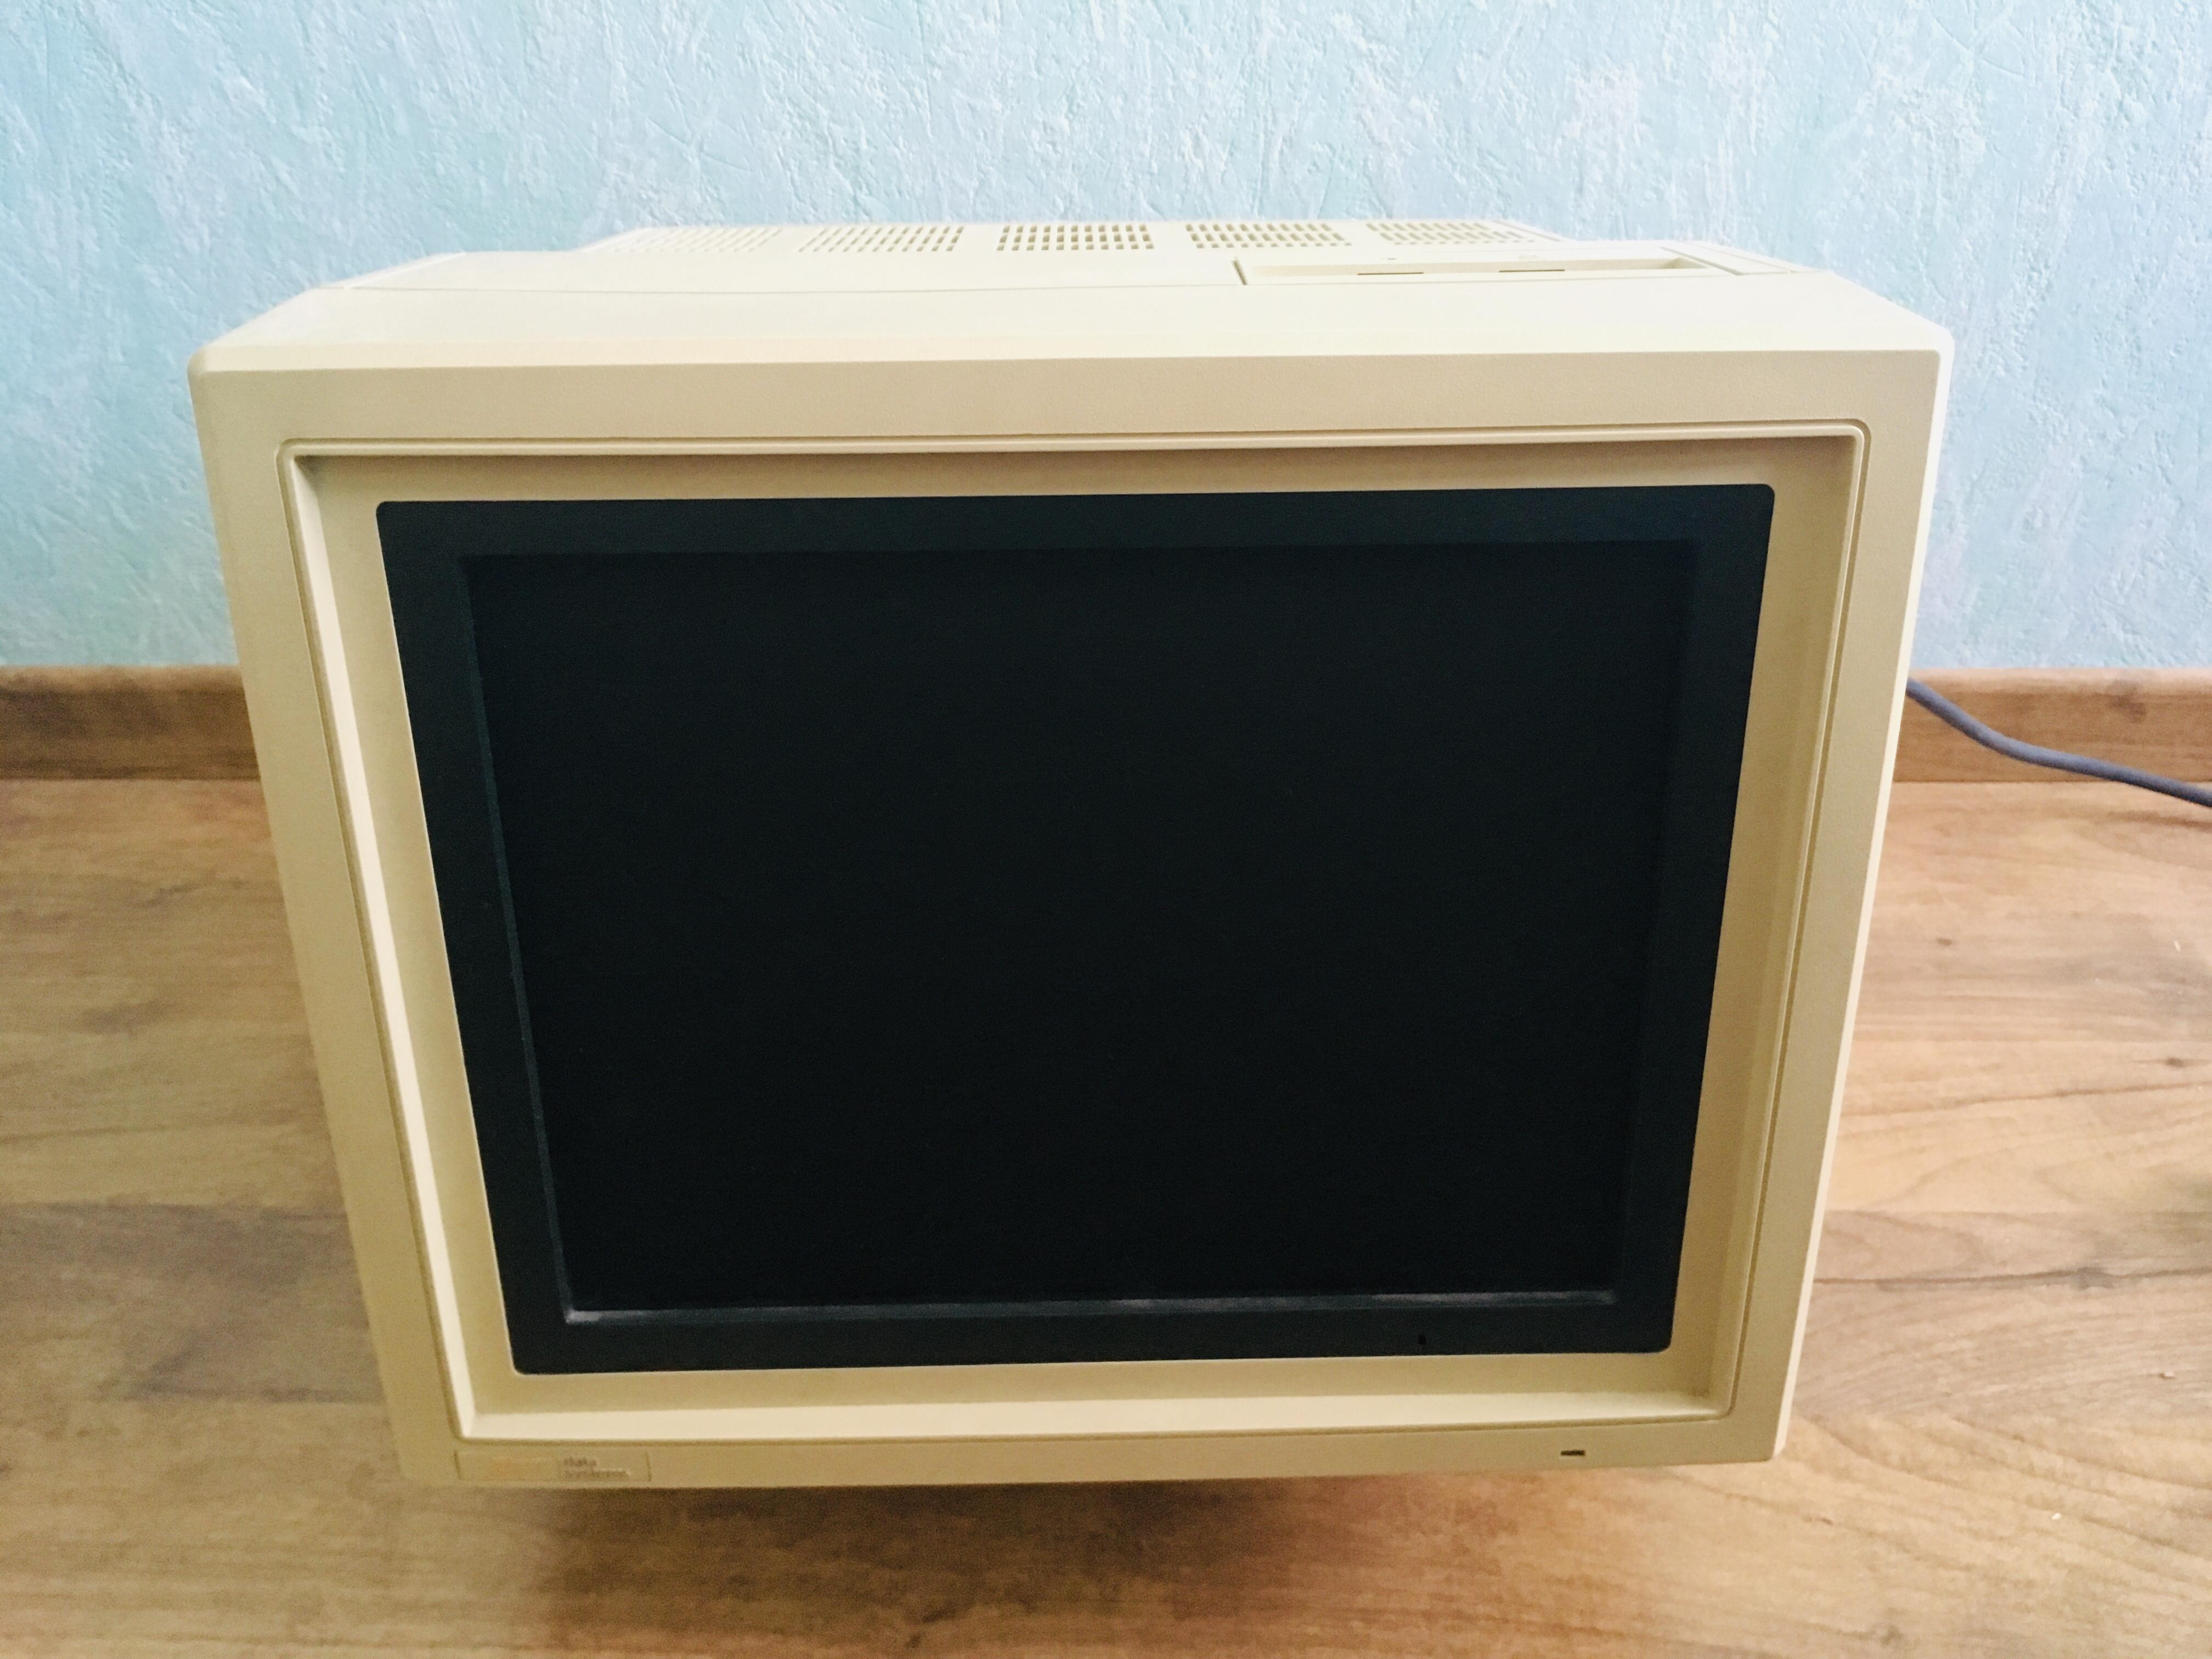 troc de troc 3 écrans ordinateurs à tube cathodique (crt) image 1